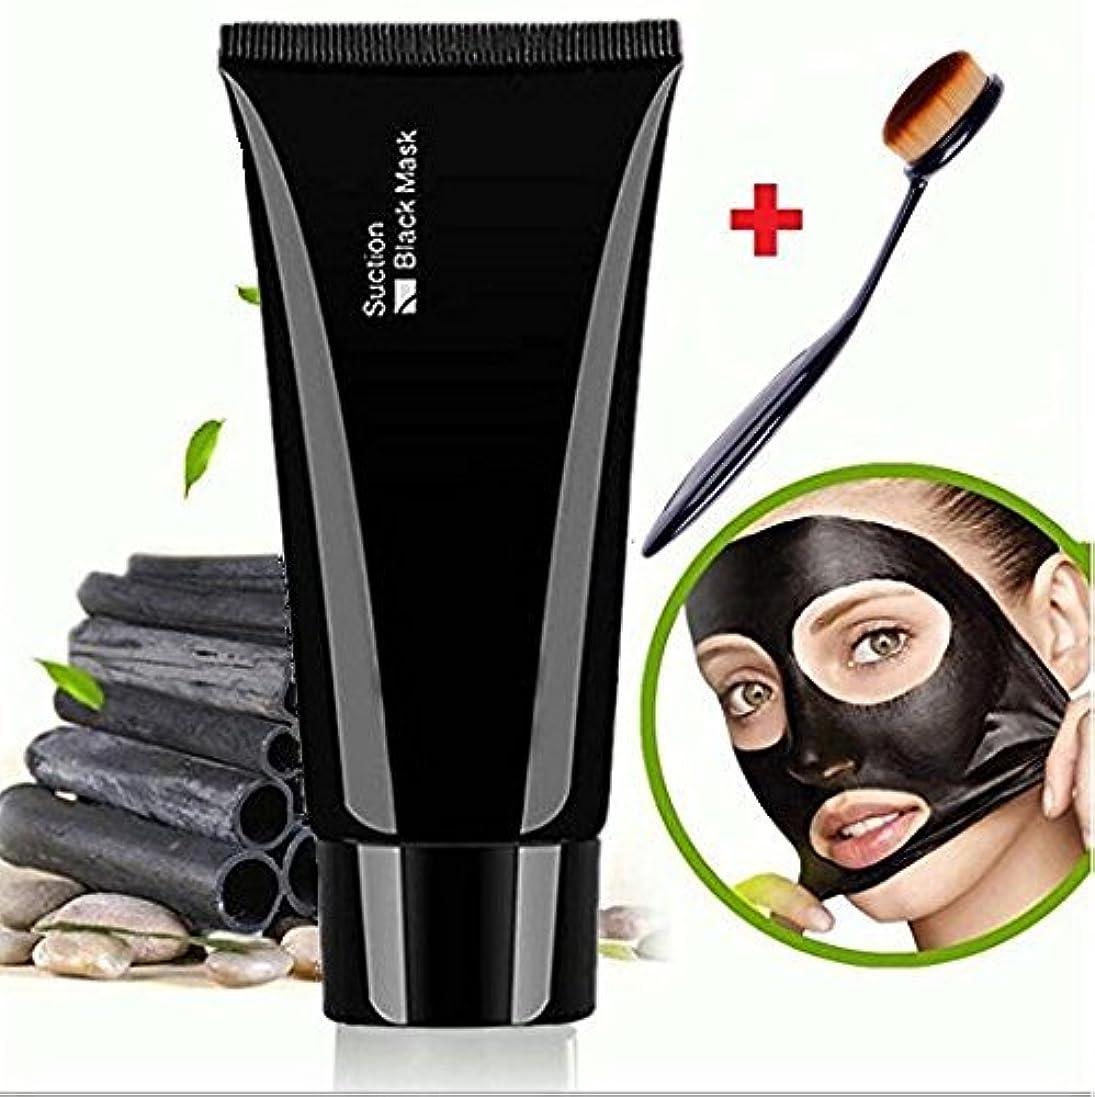 フレームワーク民間料理Facial Mask Black, Face Apeel Cleansing Mask Deep Cleanser Blackhead Acne Remover Peel off Mask + Oval Brush